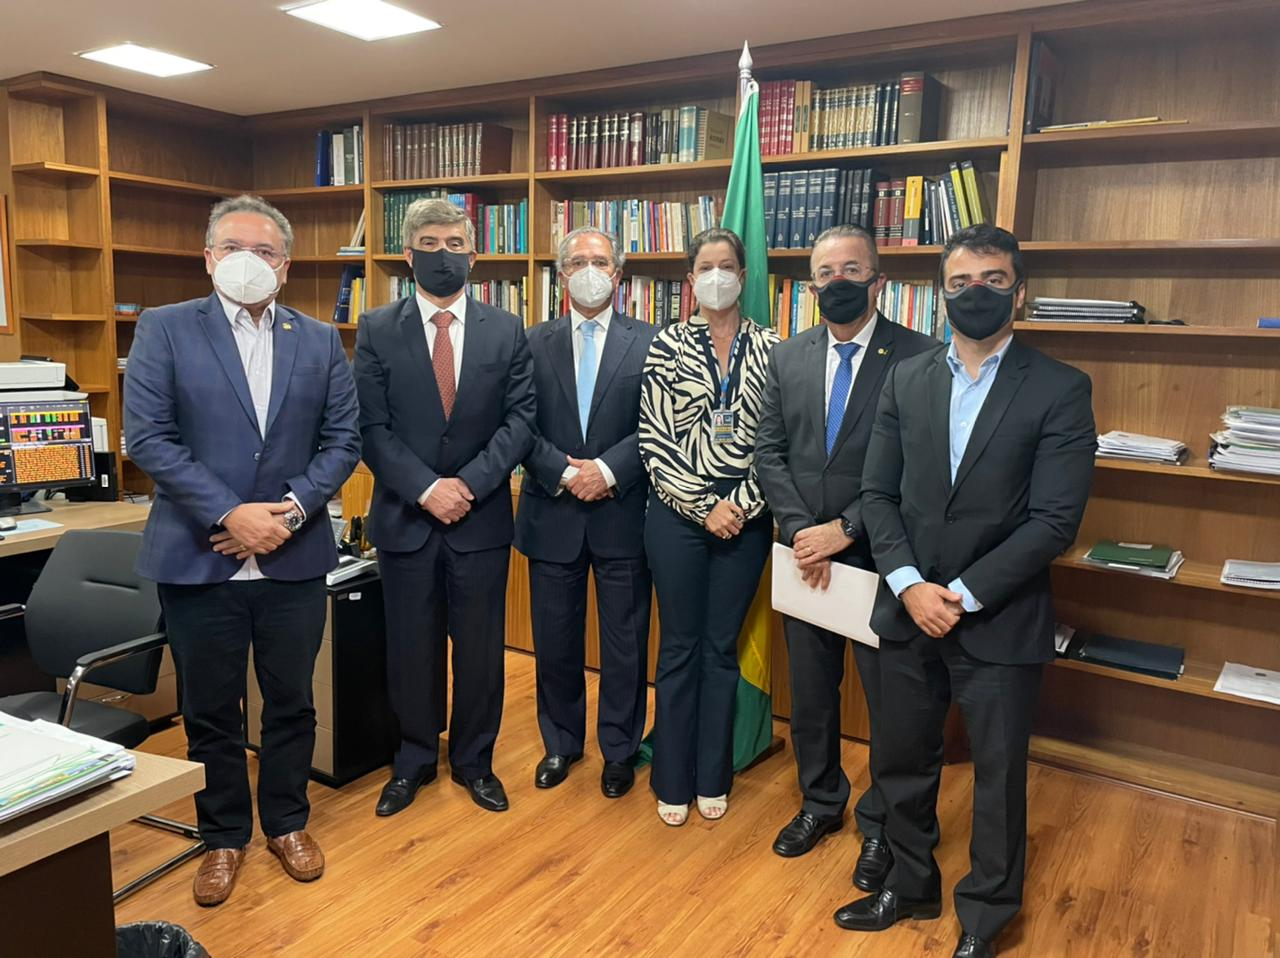 WhatsApp Image 2021 07 14 at 22.24.43 - Wellington Roberto e Bruno Roberto se reúnem com ministro Paulo Guedes para tratar da Reforma Tributária